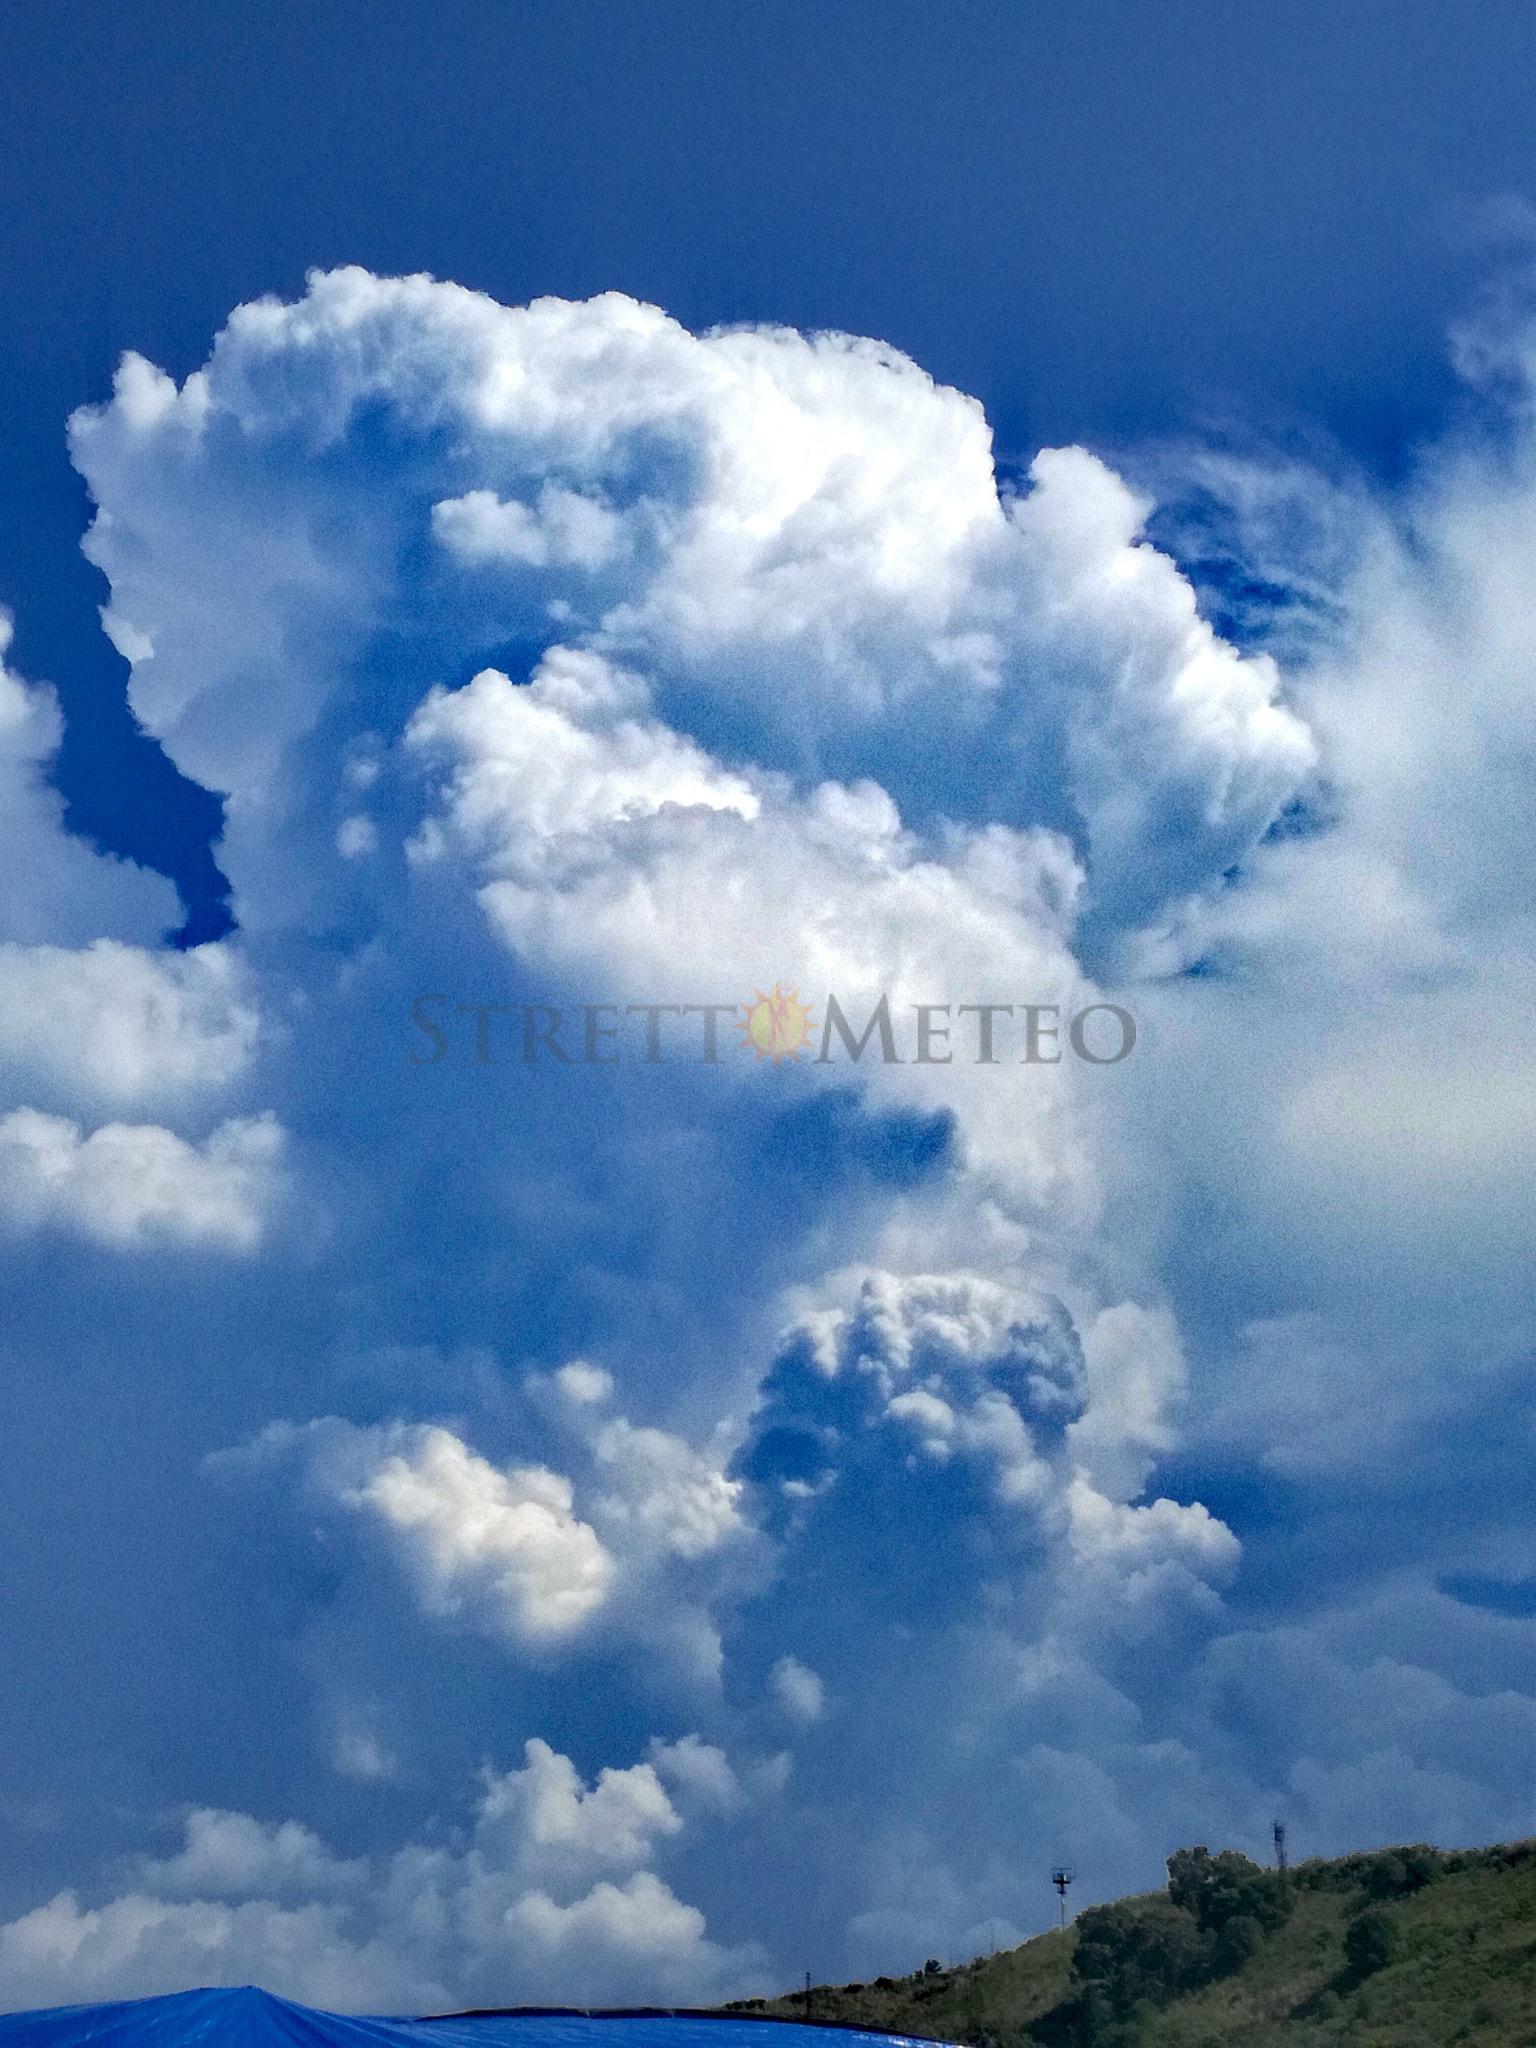 Inizio di settimana instabile e temporalesca. Rottura dell'estate a fine mese?